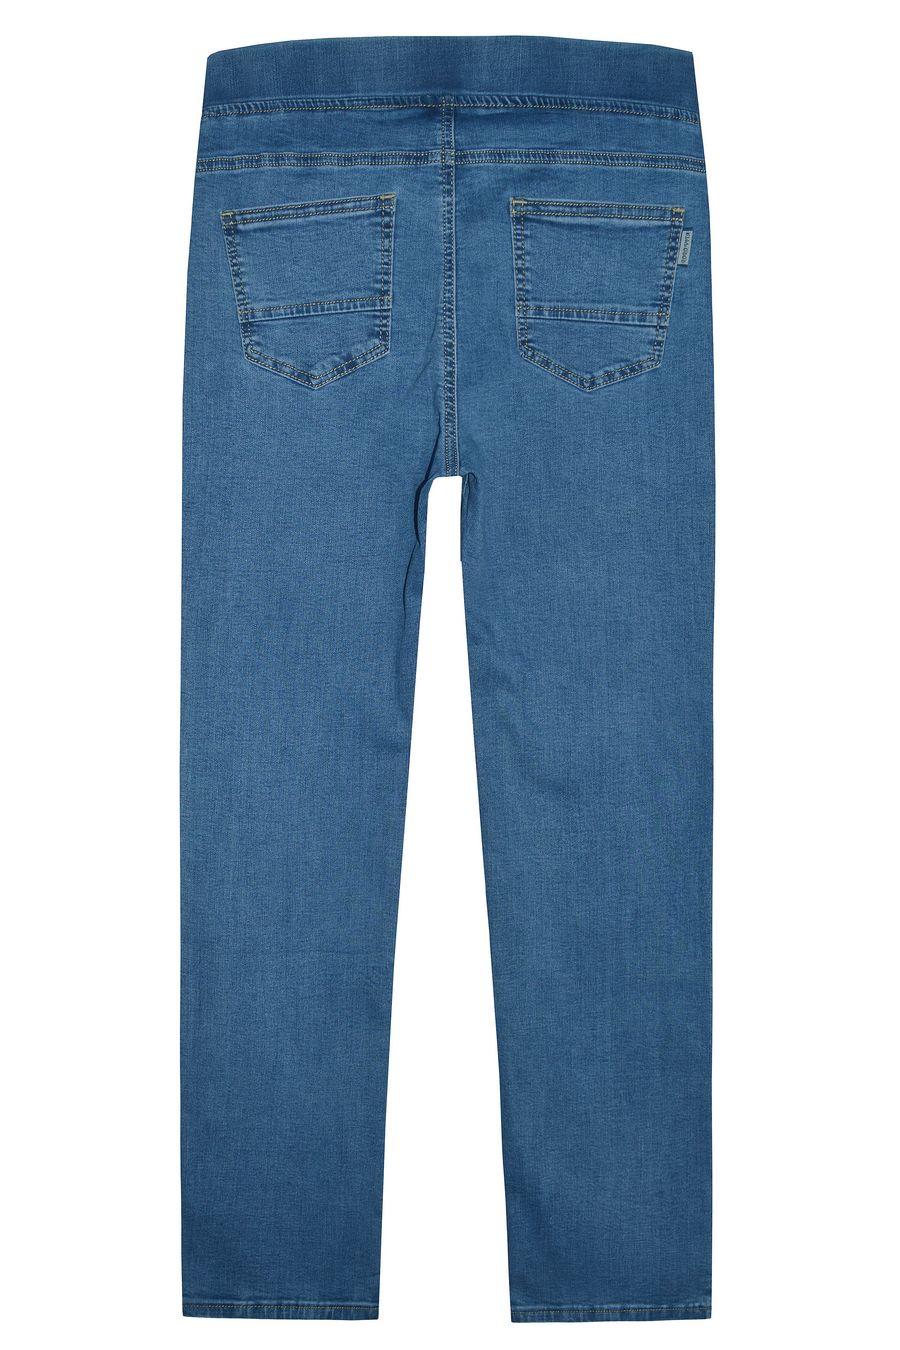 Женские джинсы Roro Vita 9235